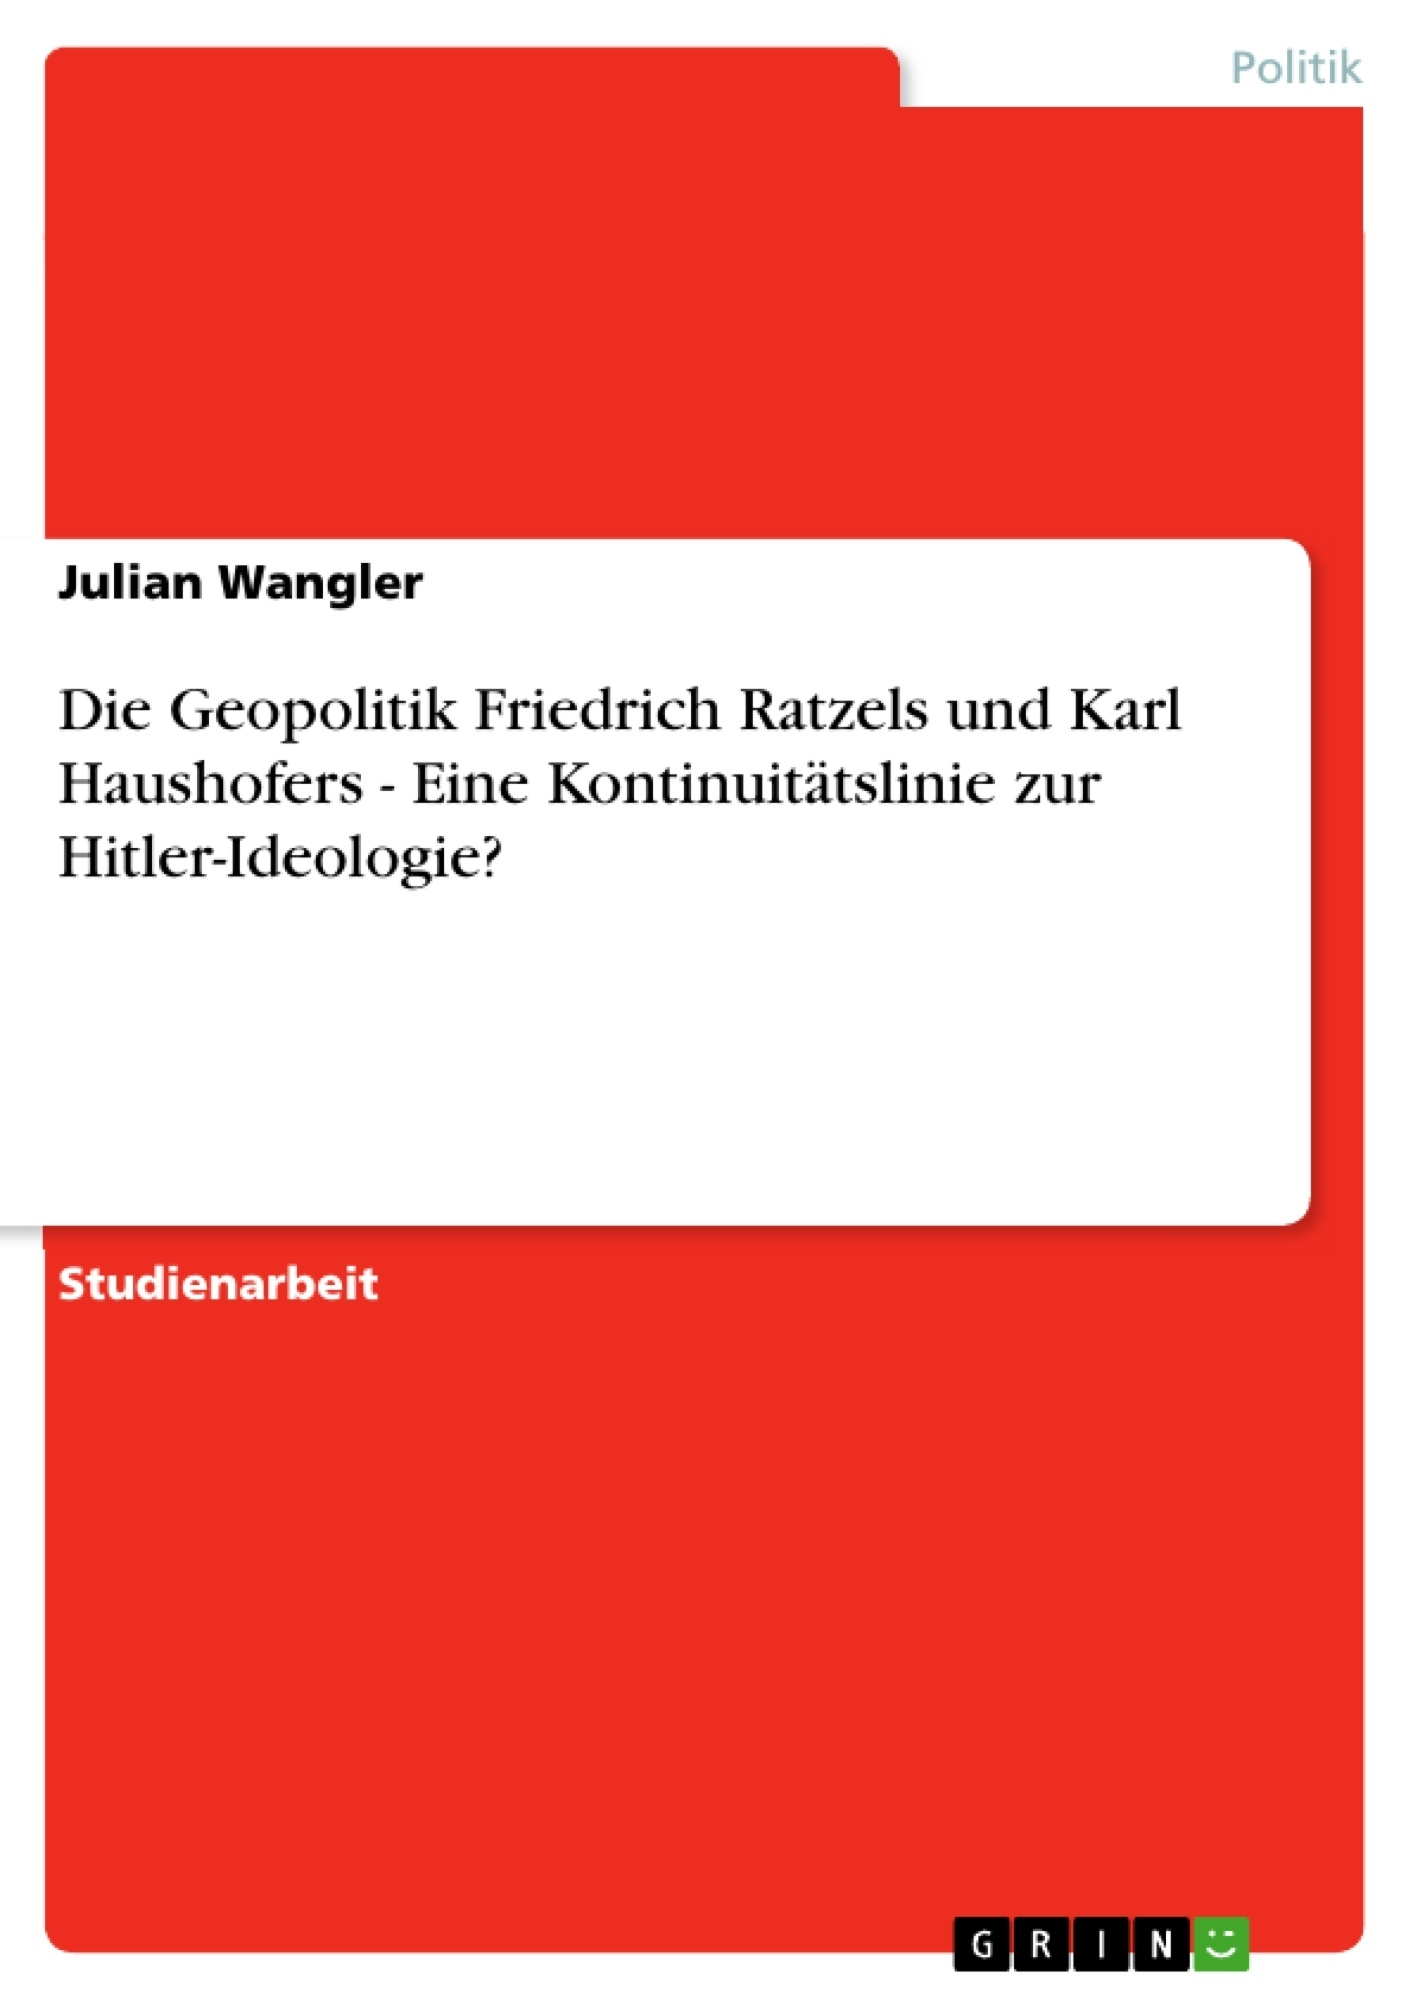 Titel: Die Geopolitik Friedrich Ratzels und Karl Haushofers - Eine Kontinuitätslinie zur Hitler-Ideologie?